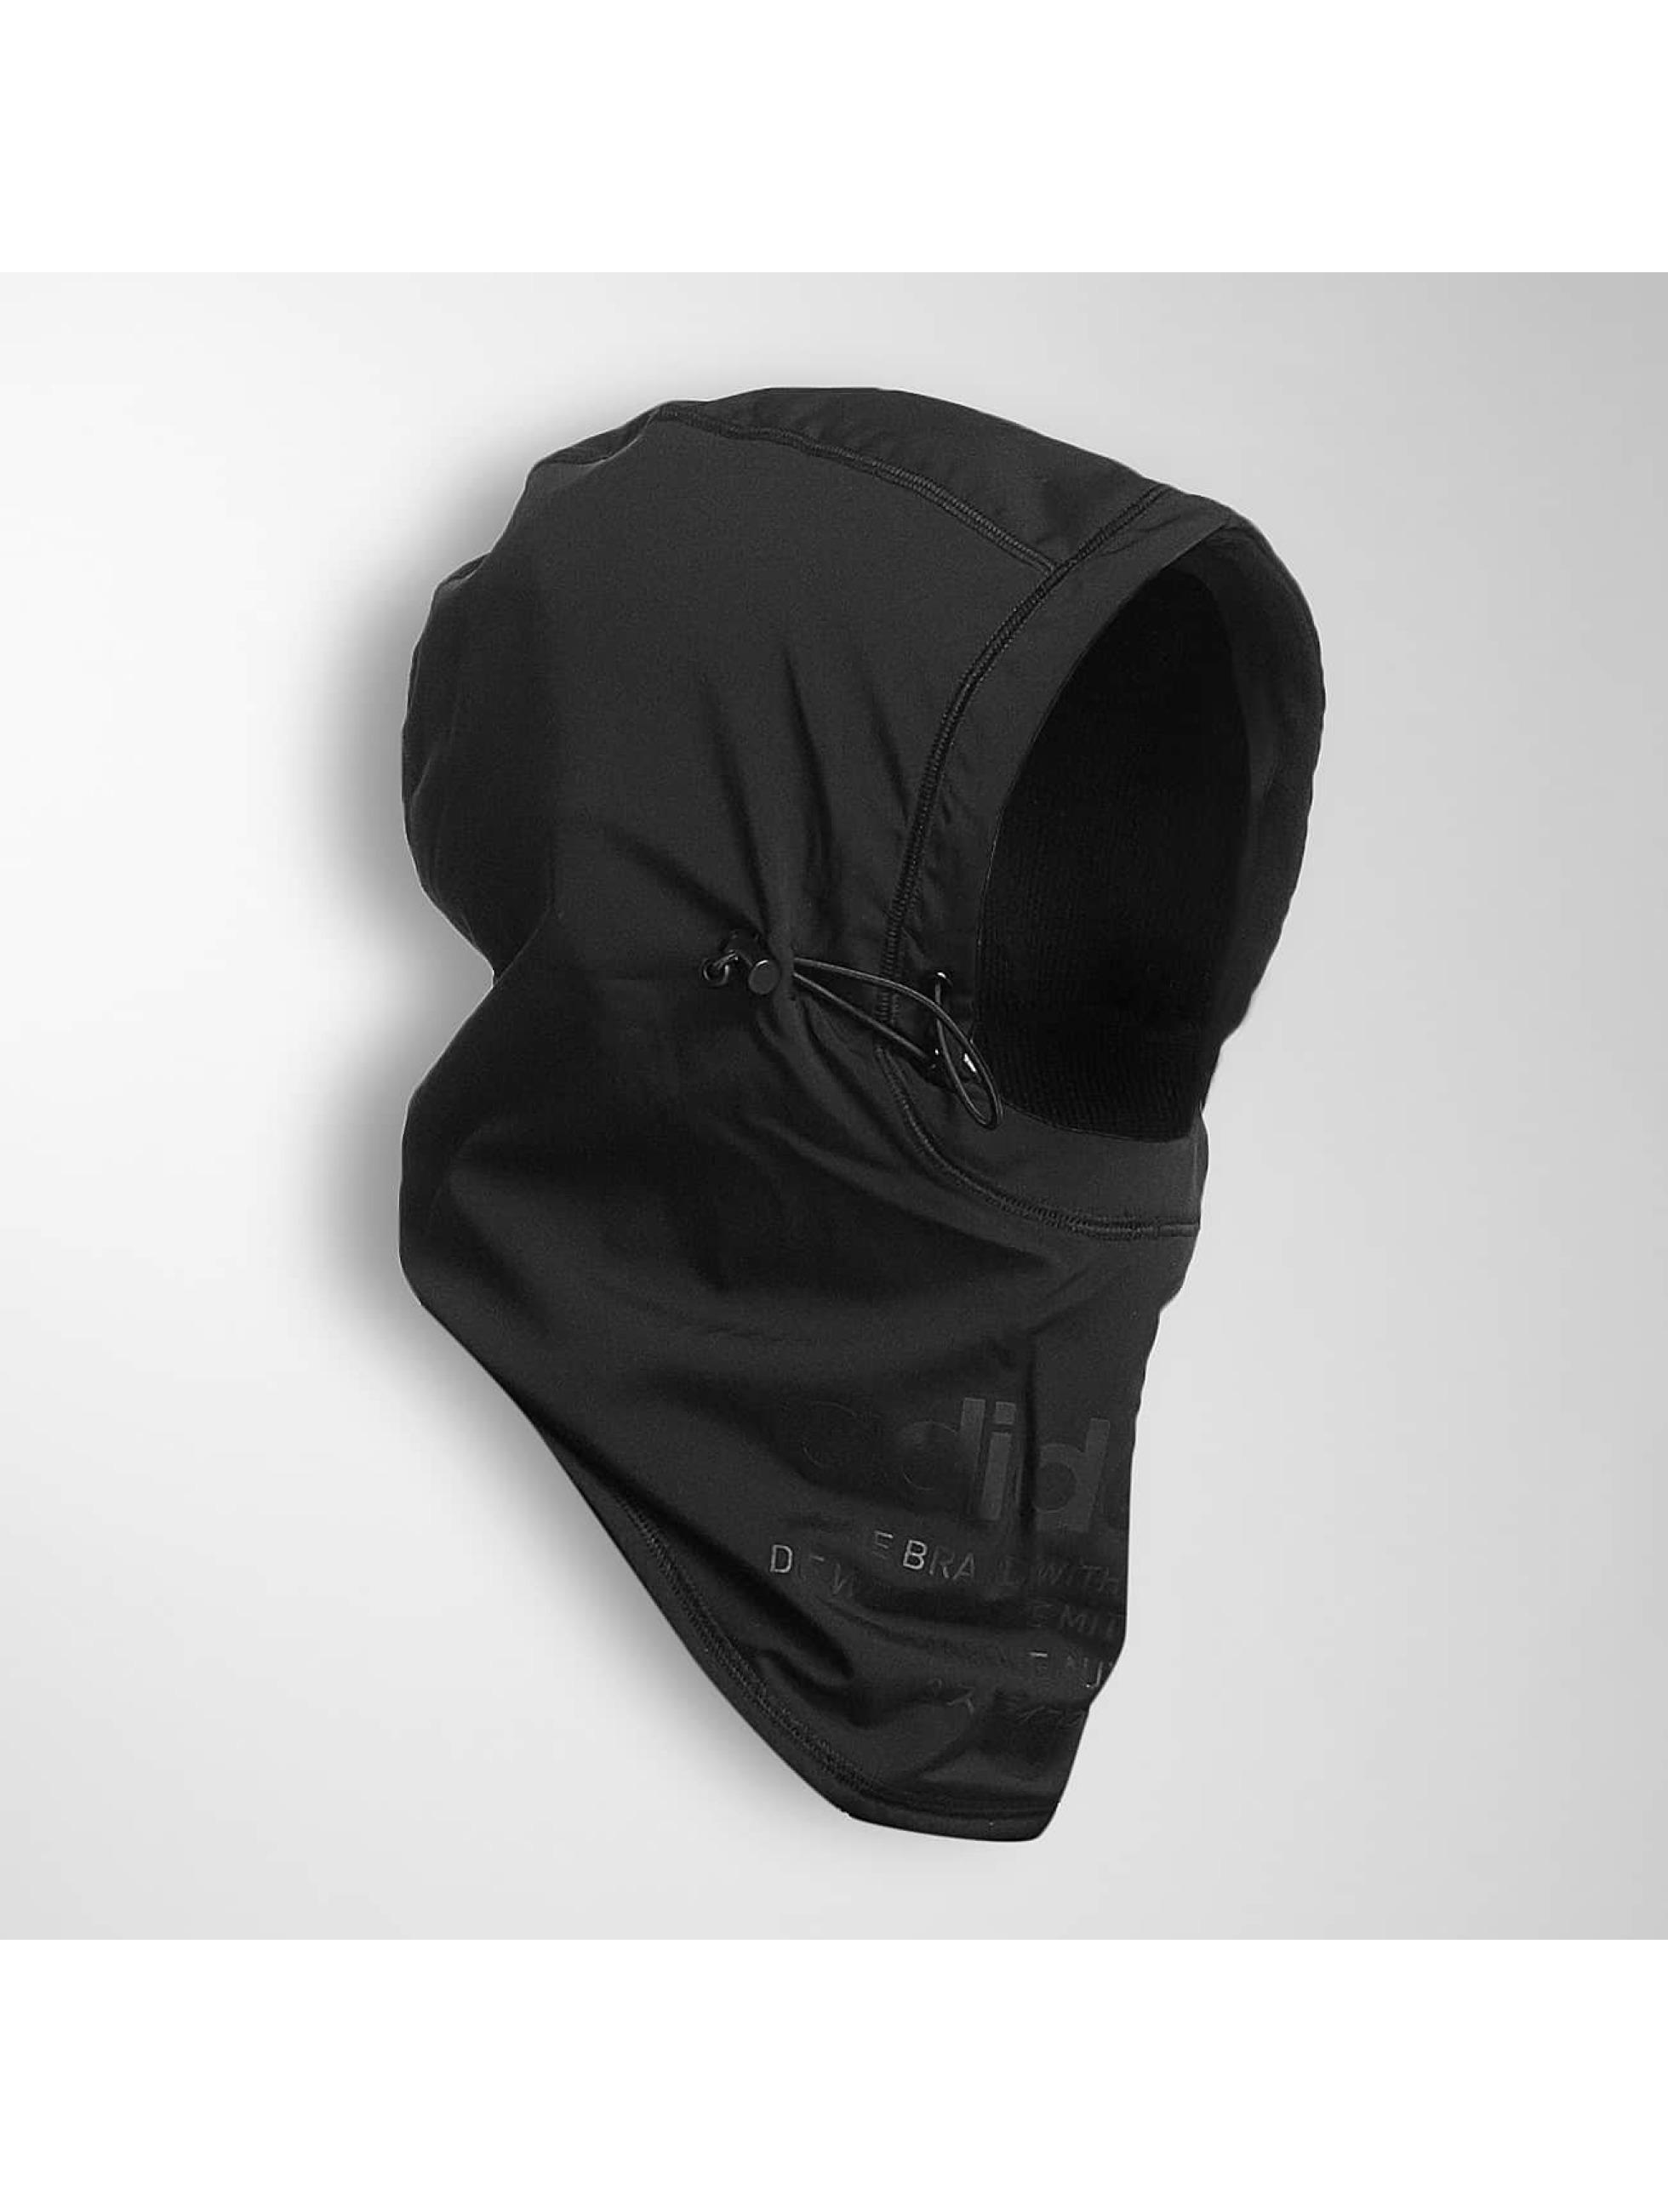 adidas Männer,Frauen Hut NMD Balaklava in schwarz